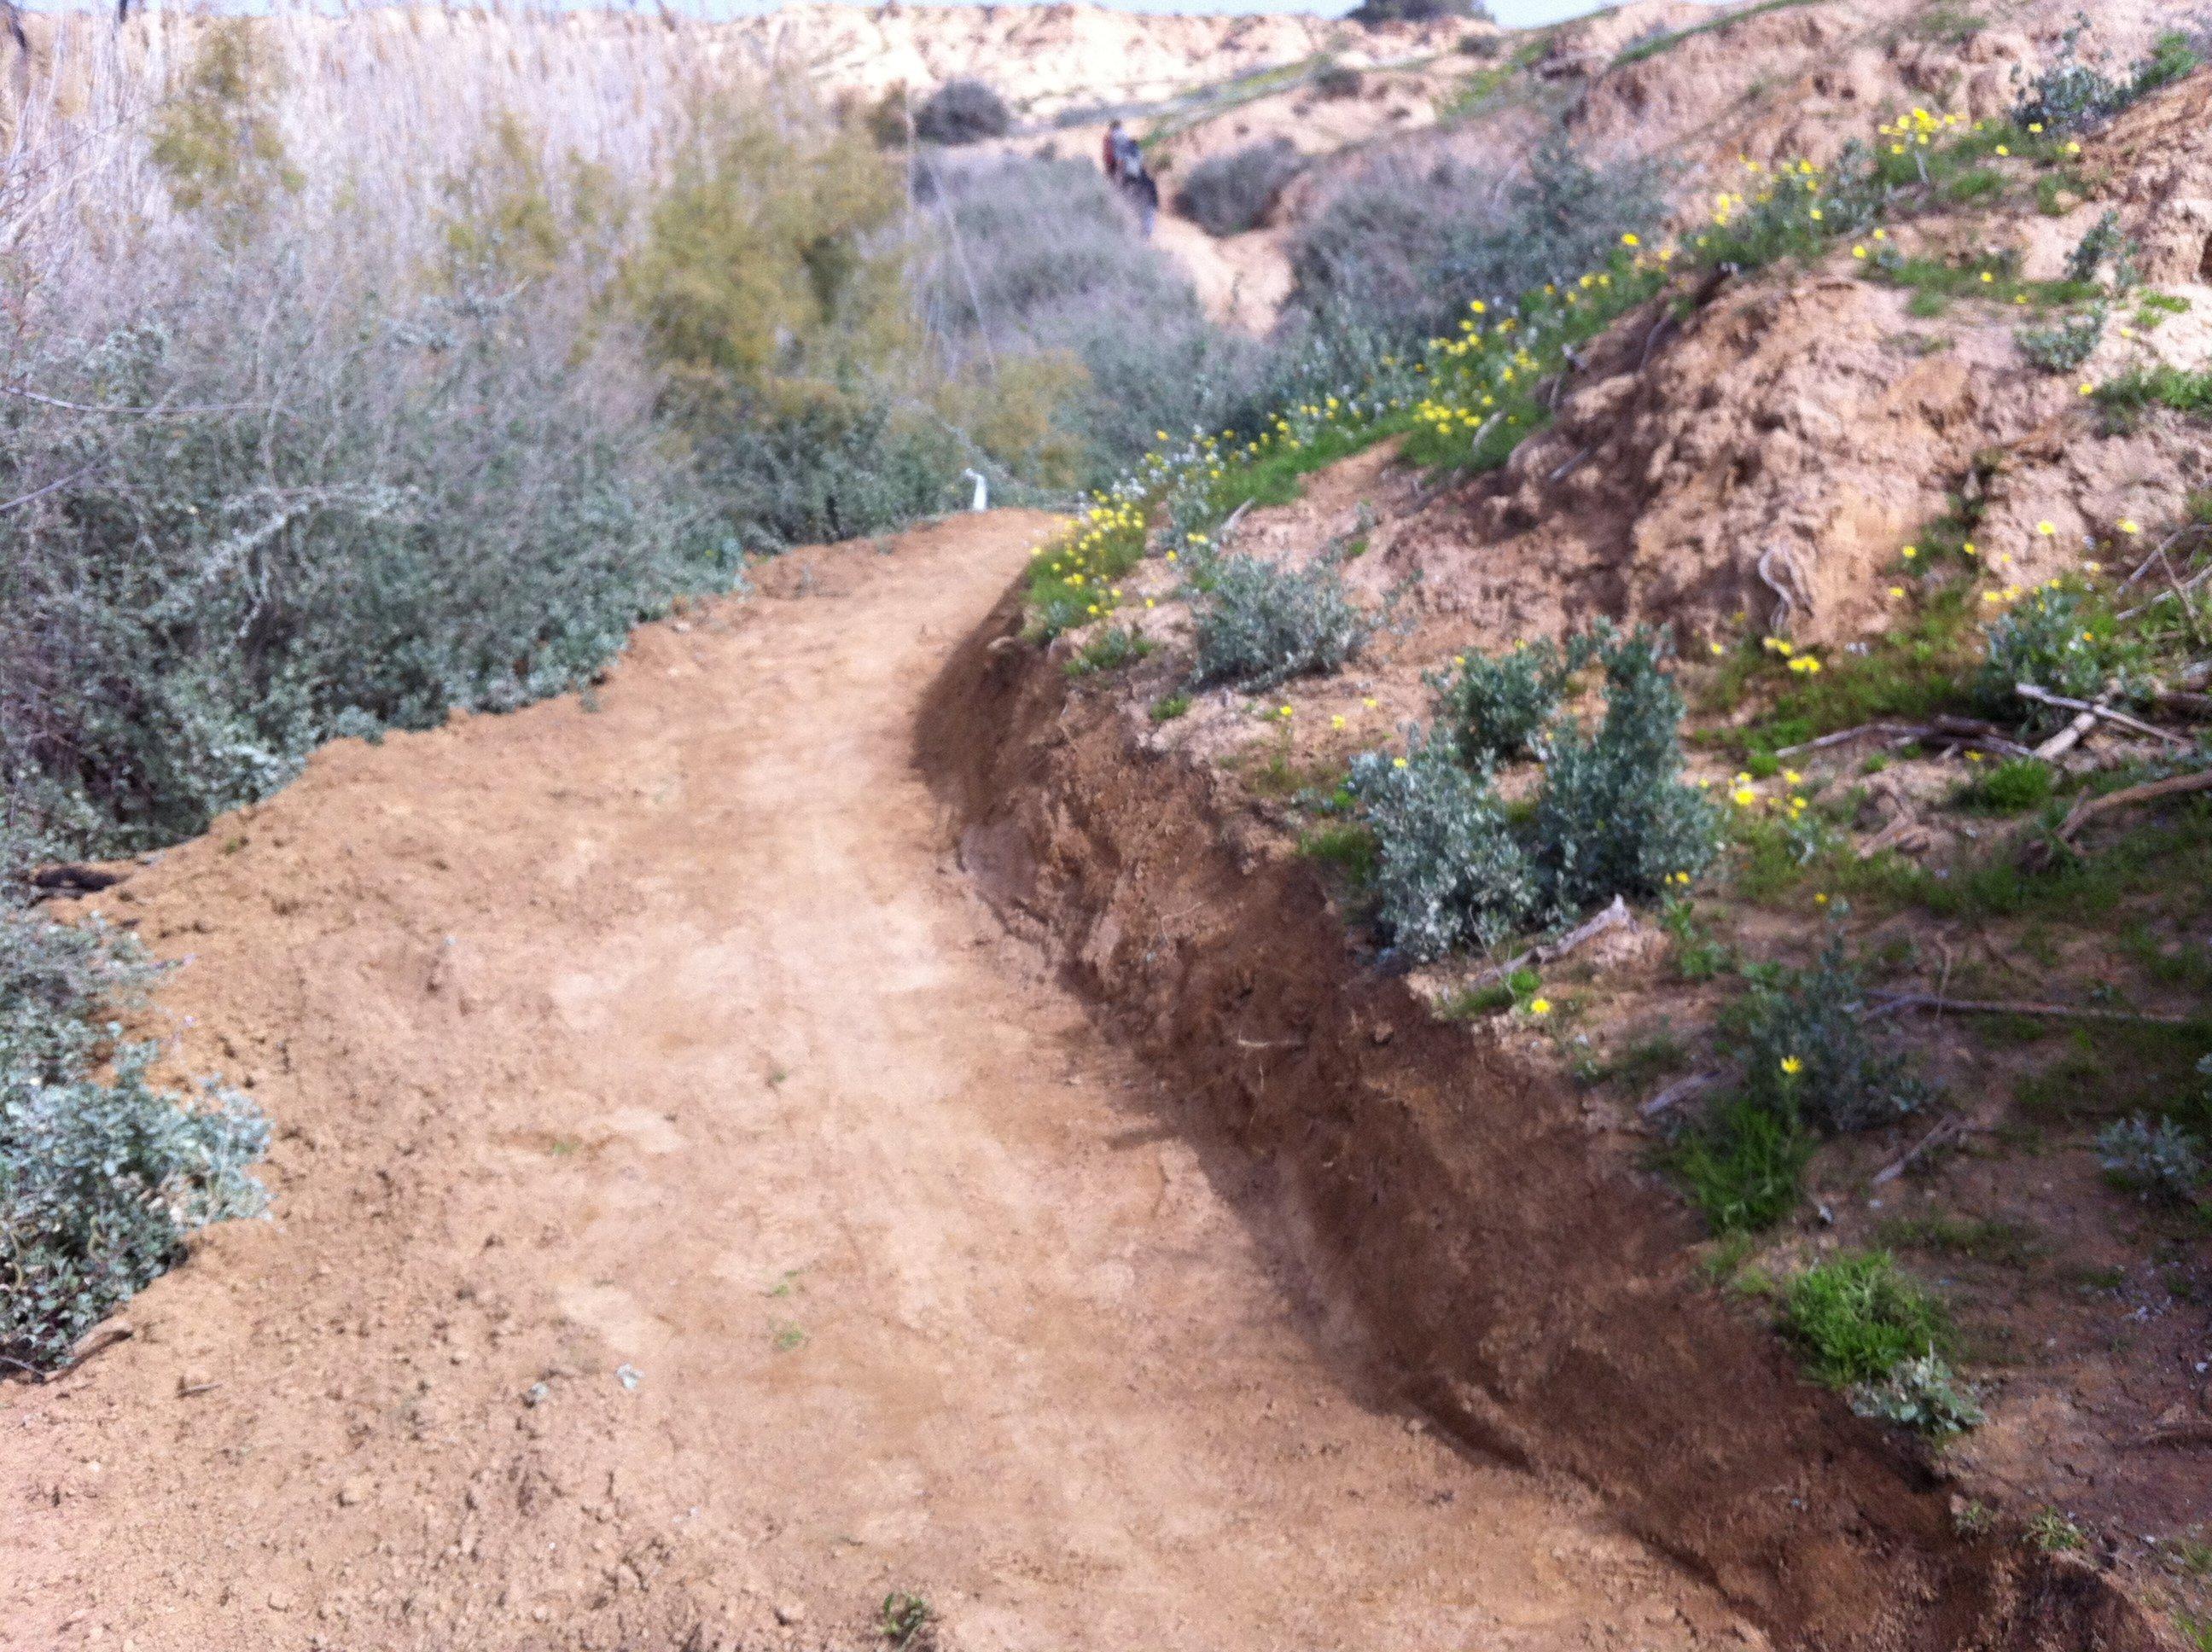 שביל אופניים בנחל הבשור - מבואת צאלים